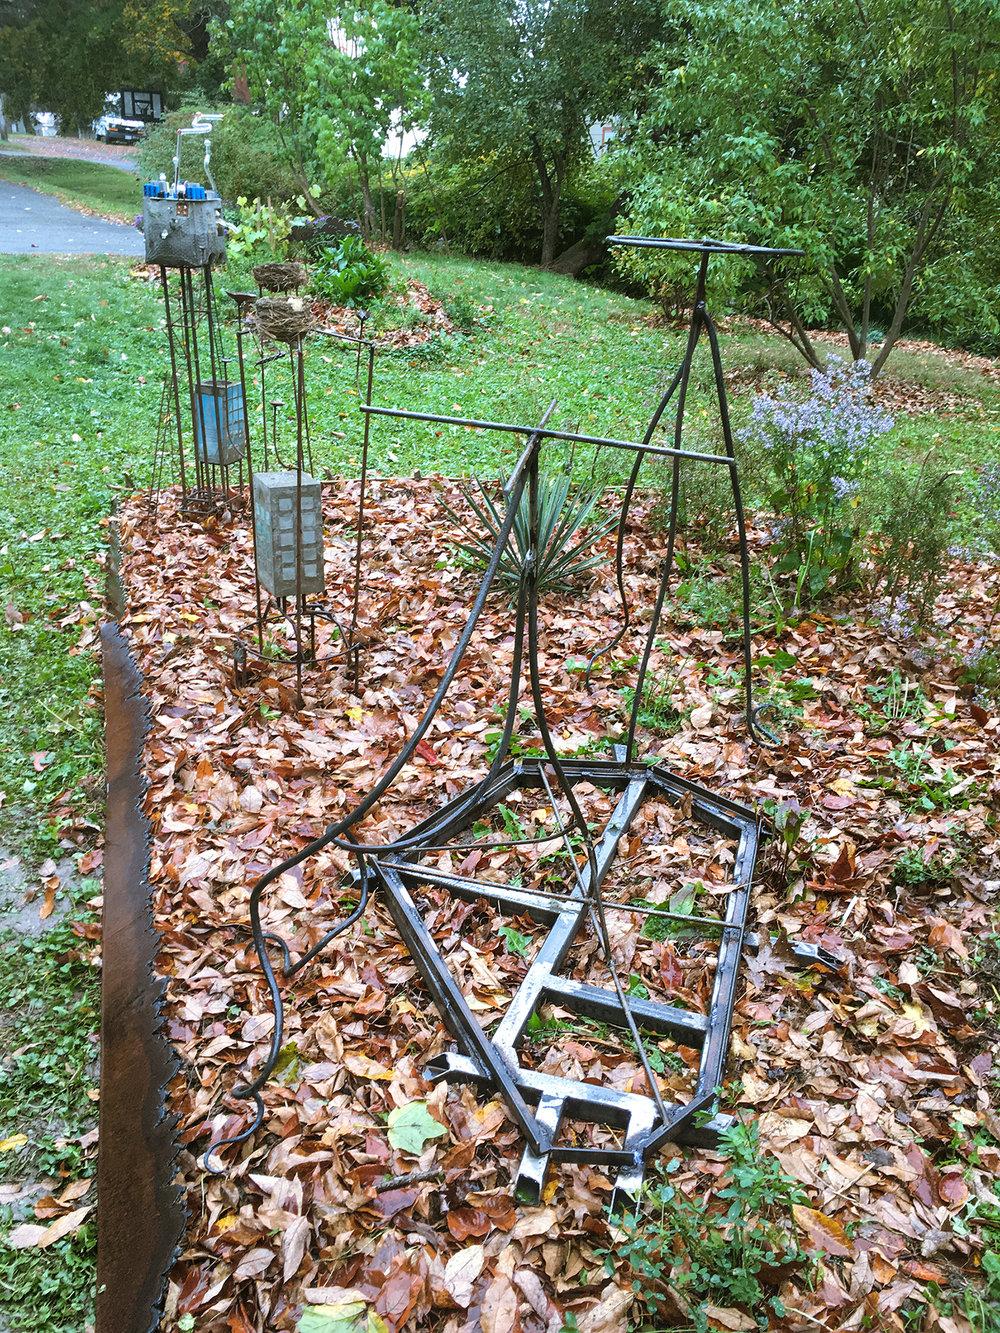 2018-10-13 014 dgc permasculpture garden copy.jpg